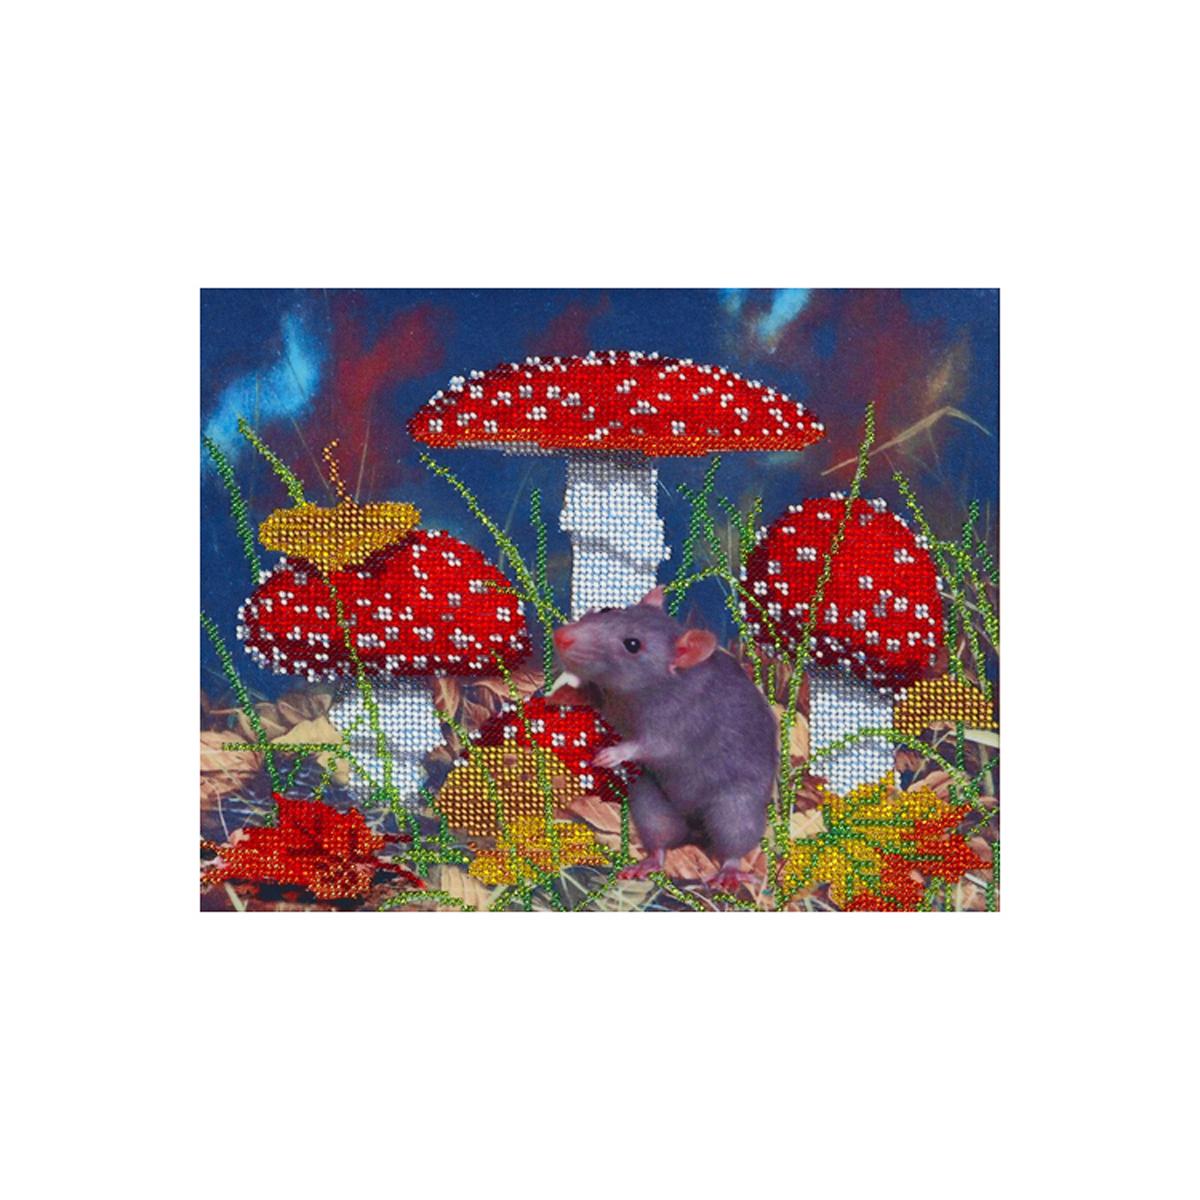 Канва для вышивания бисером Hobby&Pro В мухоморах, 25 x 20 см486676